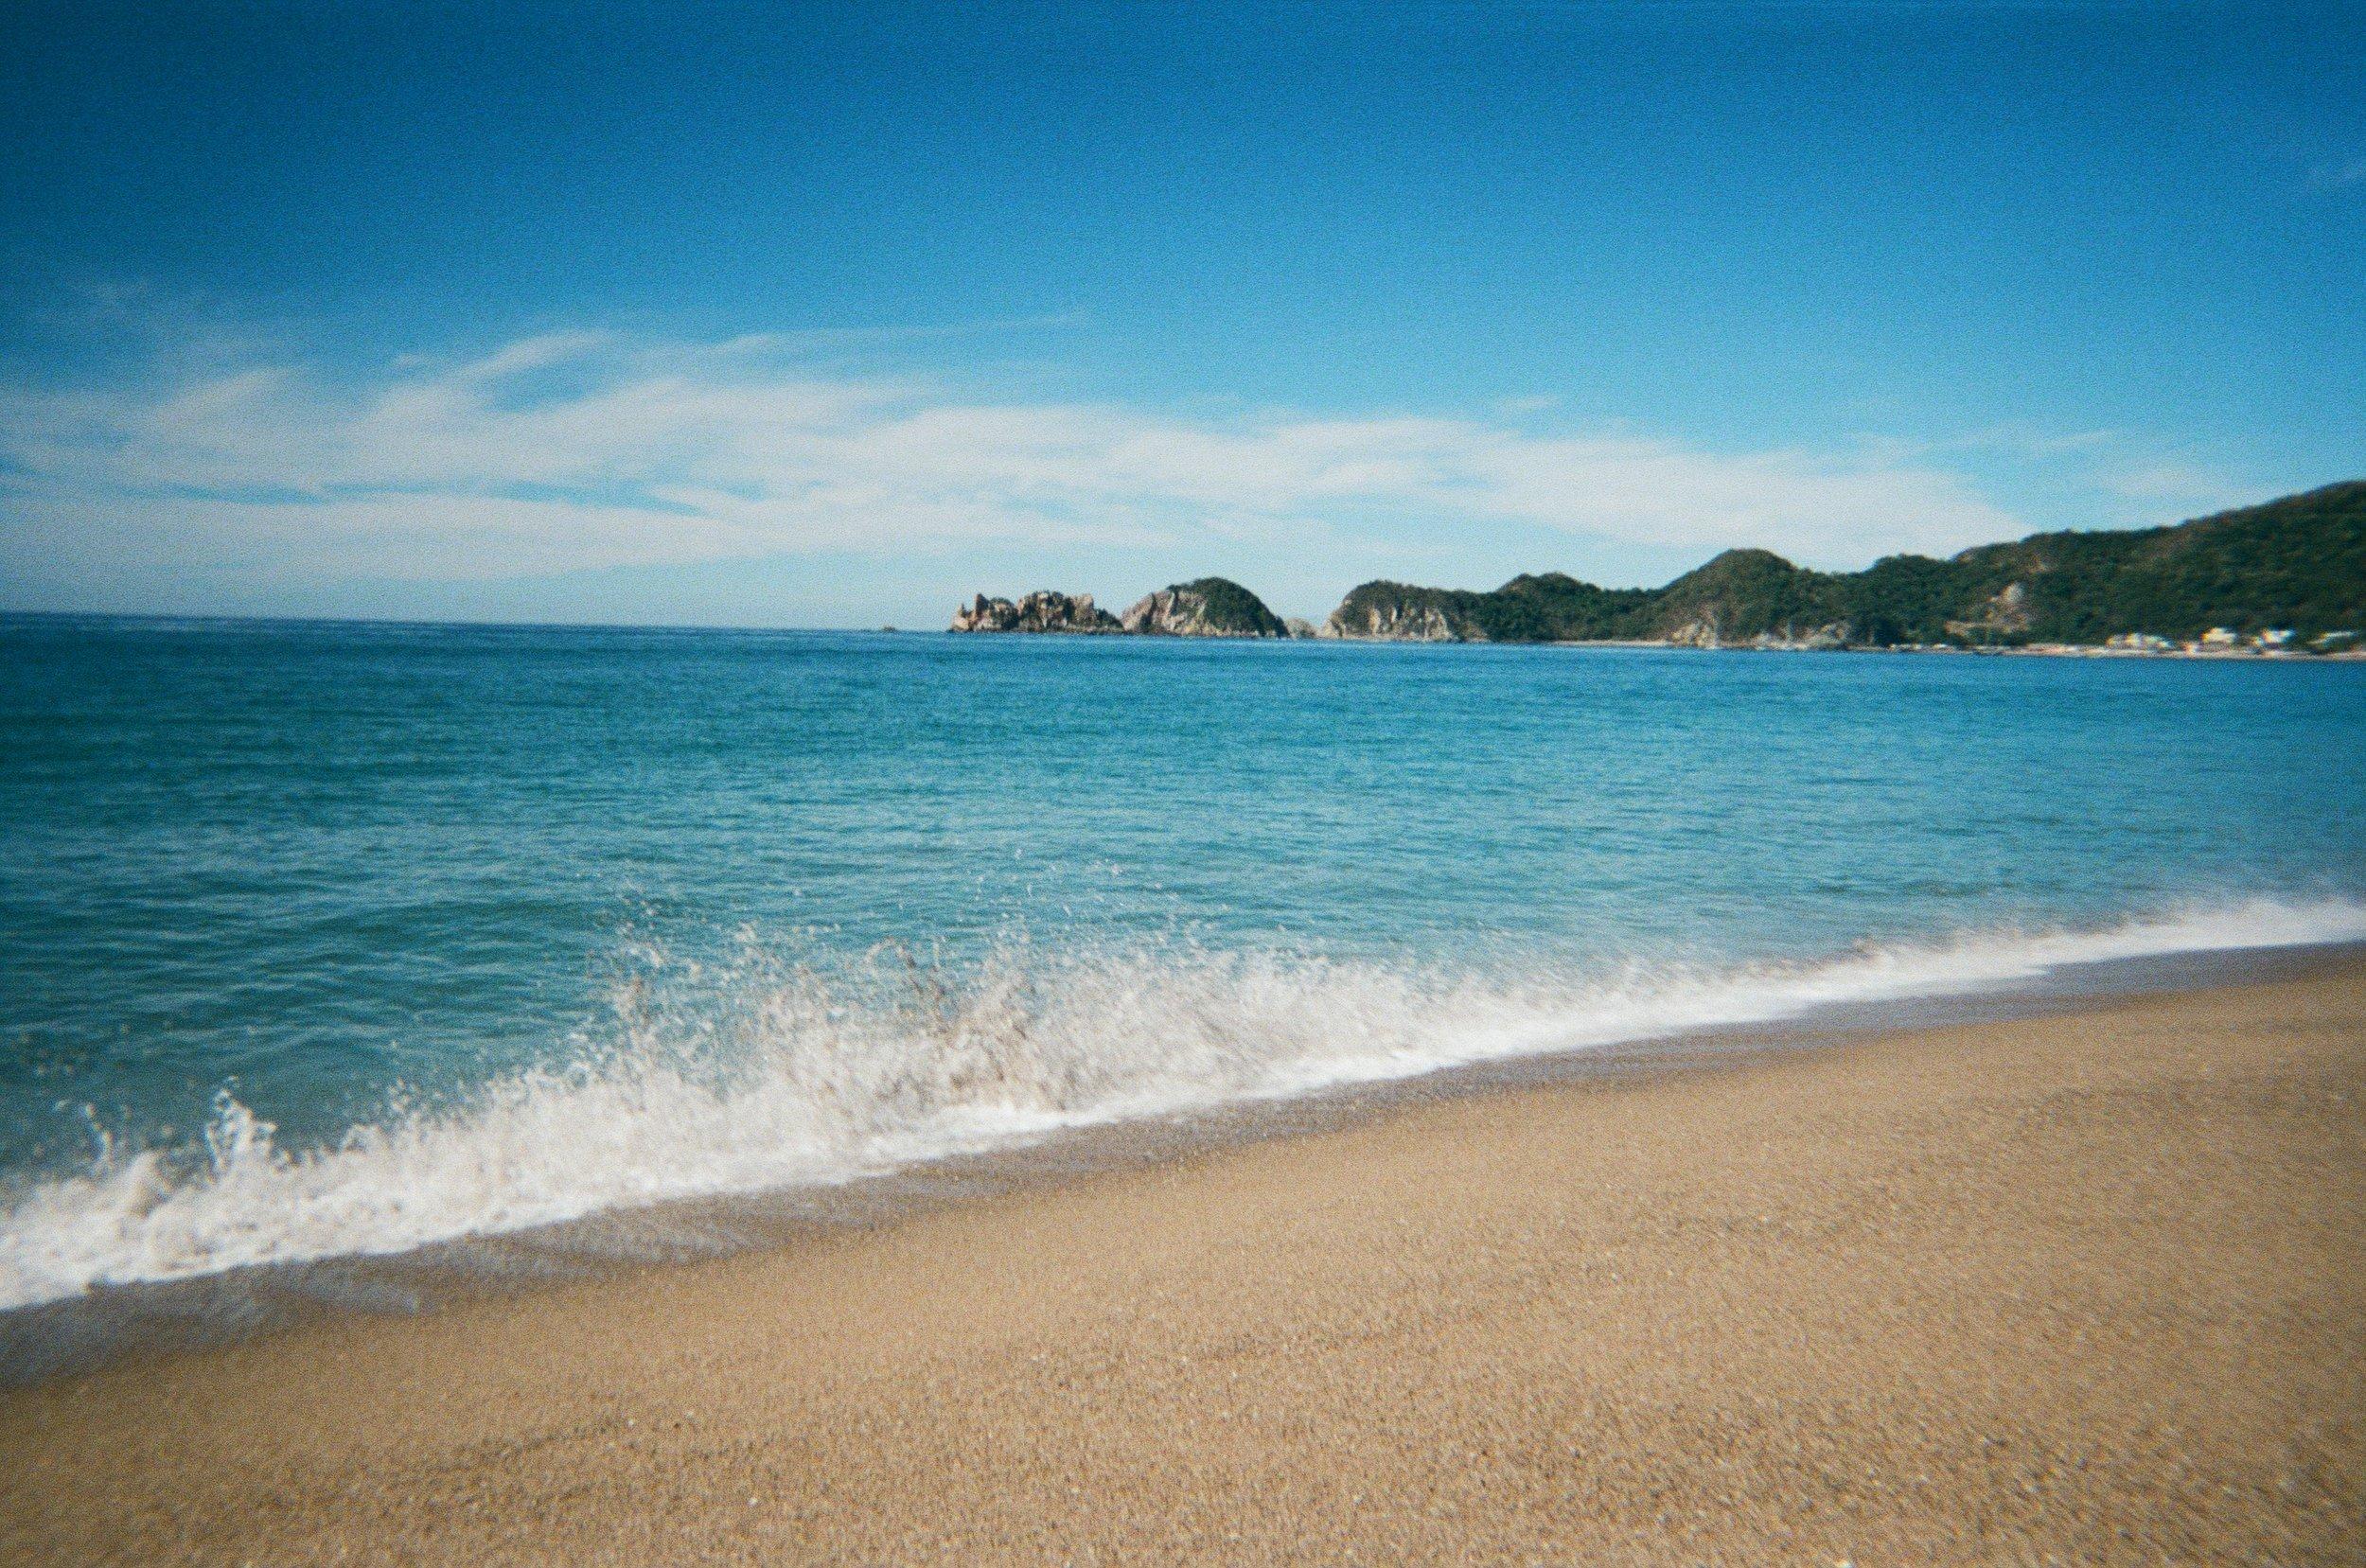 beach 2 - not printed.jpg